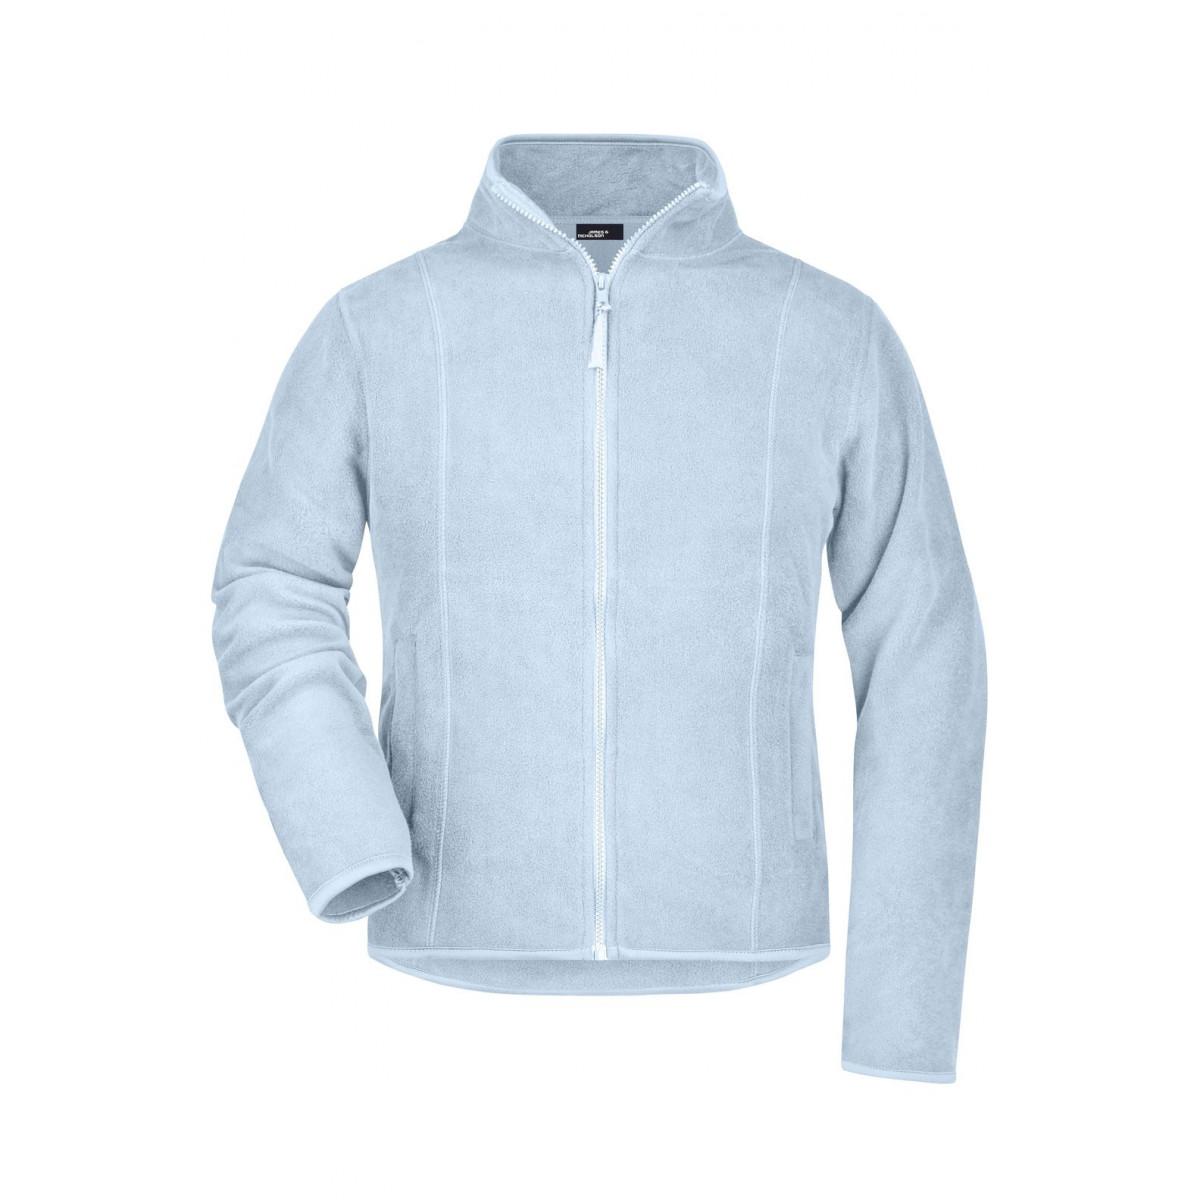 Толстовка женская JN049 Girly Microfleece Jacket - Светло-голубой